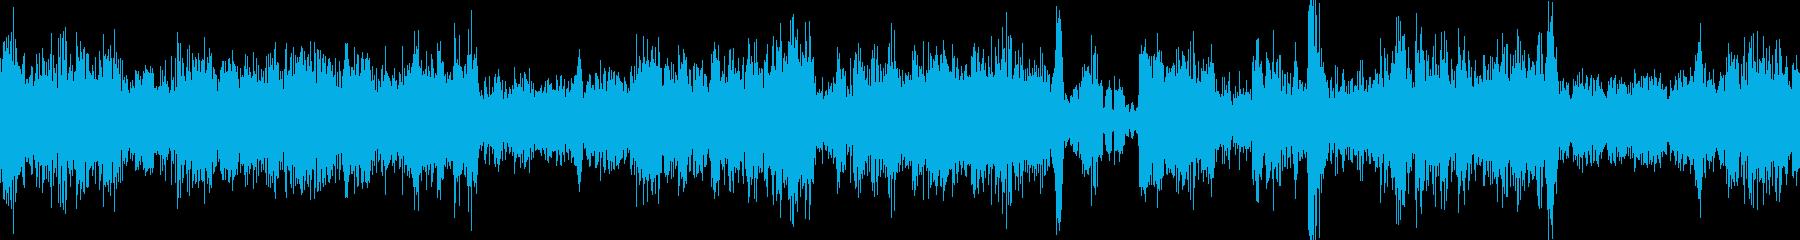 ループ再生可能!ラジオノイズ・SPLの再生済みの波形